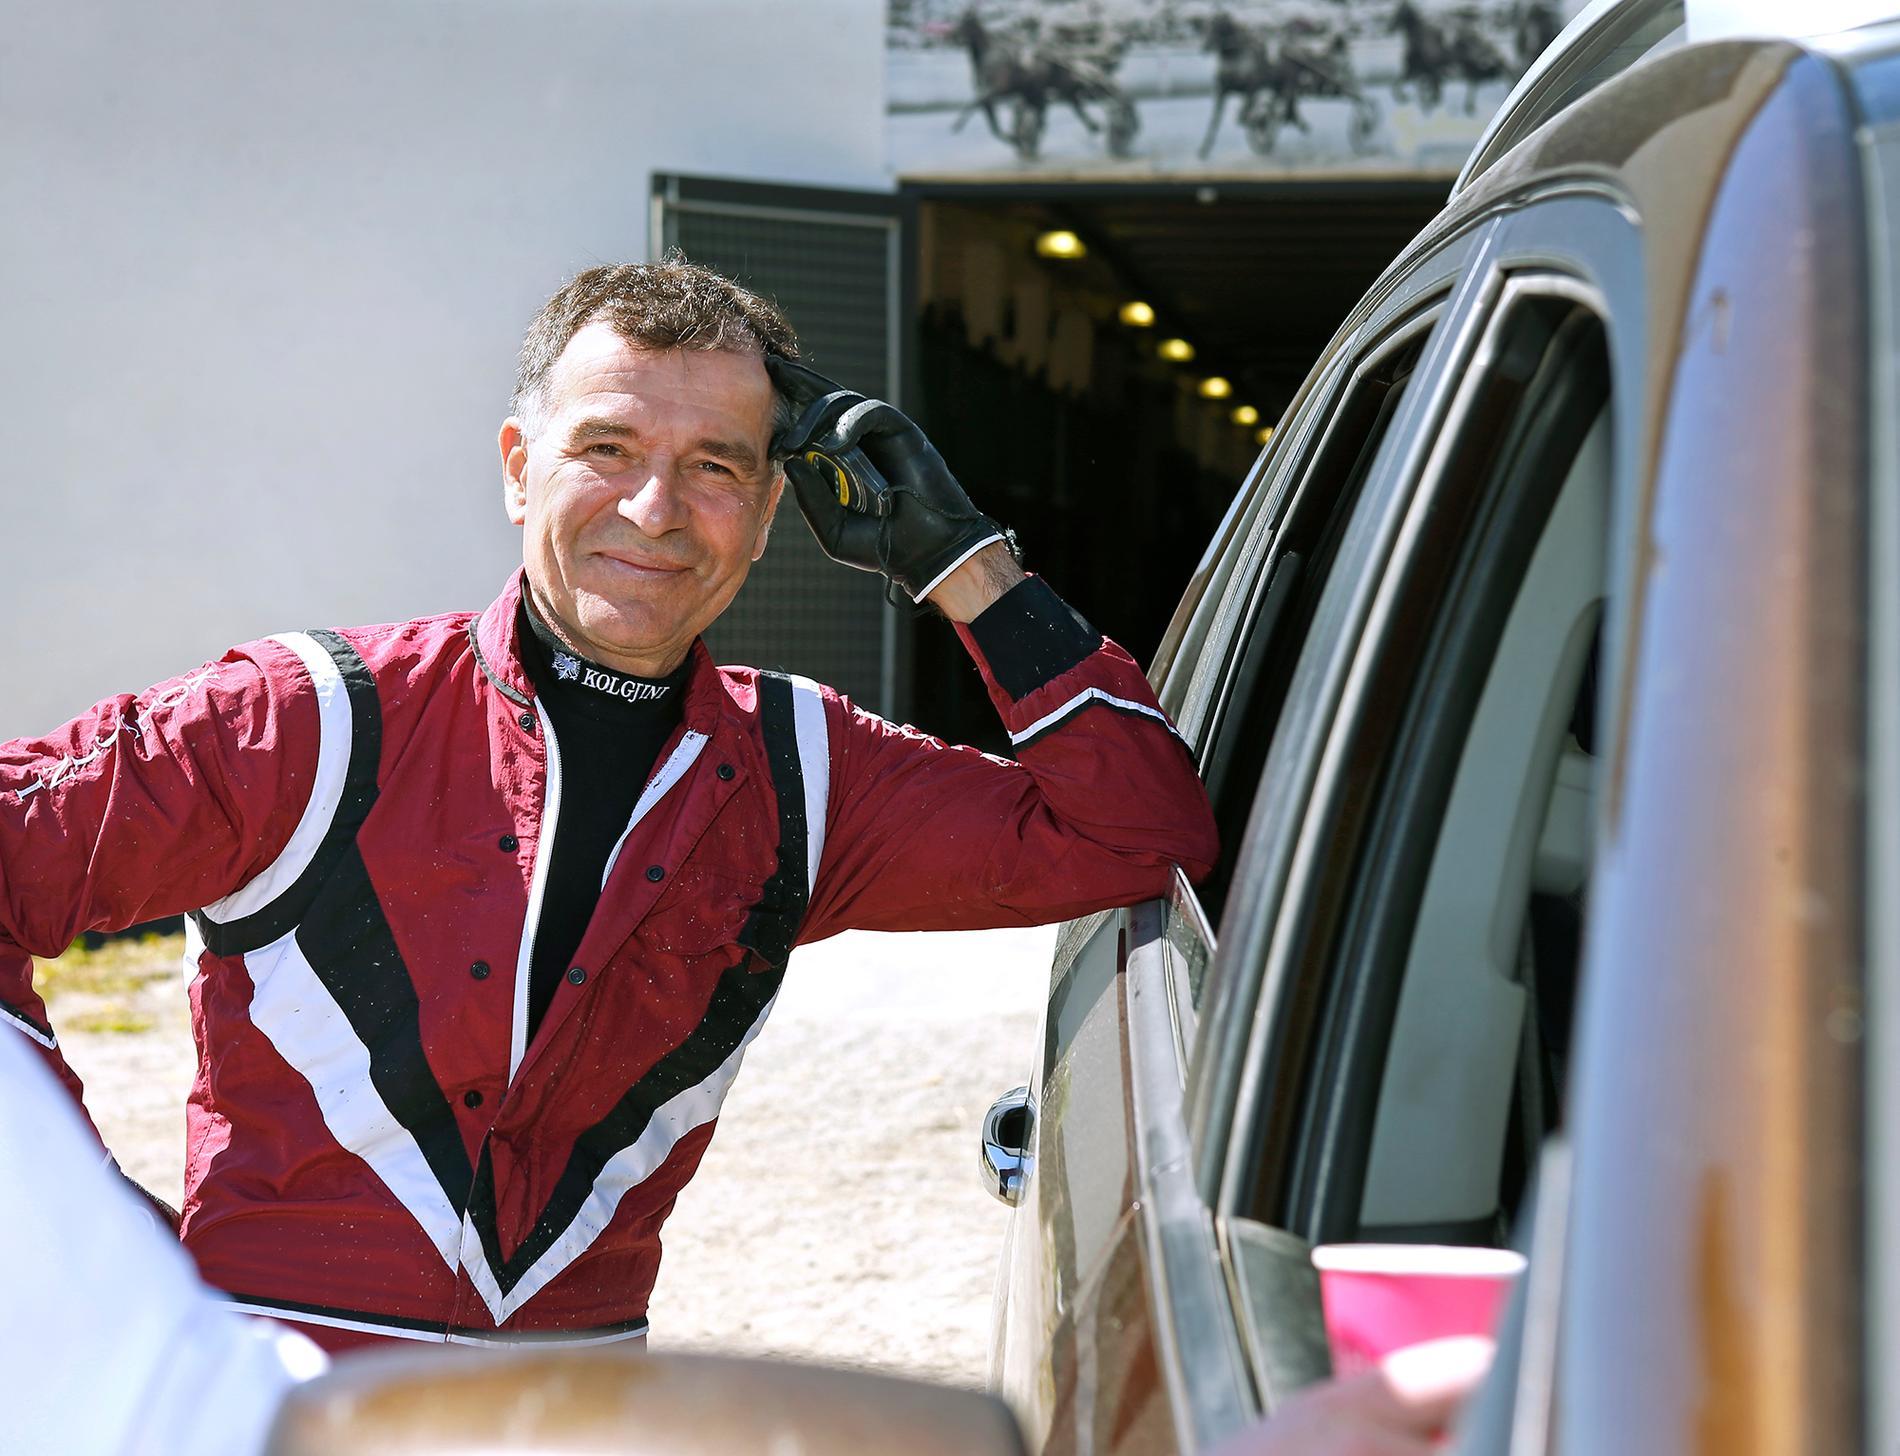 Lutfi Kolgjini är invald i travets Hall of Fame.